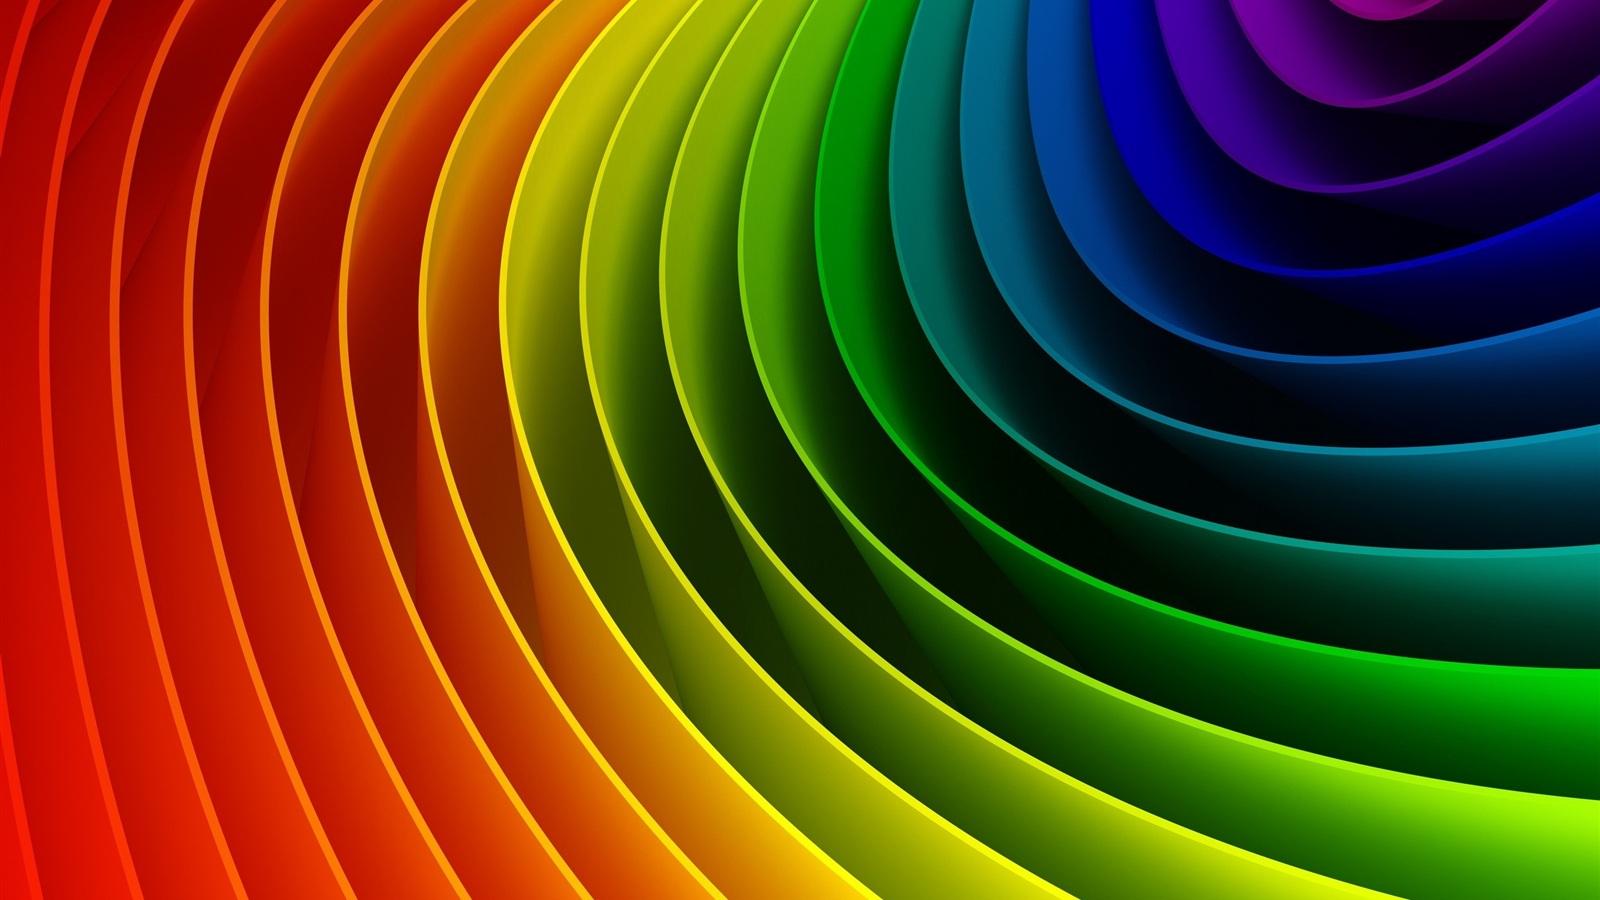 Arco Iris De Colores Curvas Fondos De Pantalla 1600x900 Fondos De HD